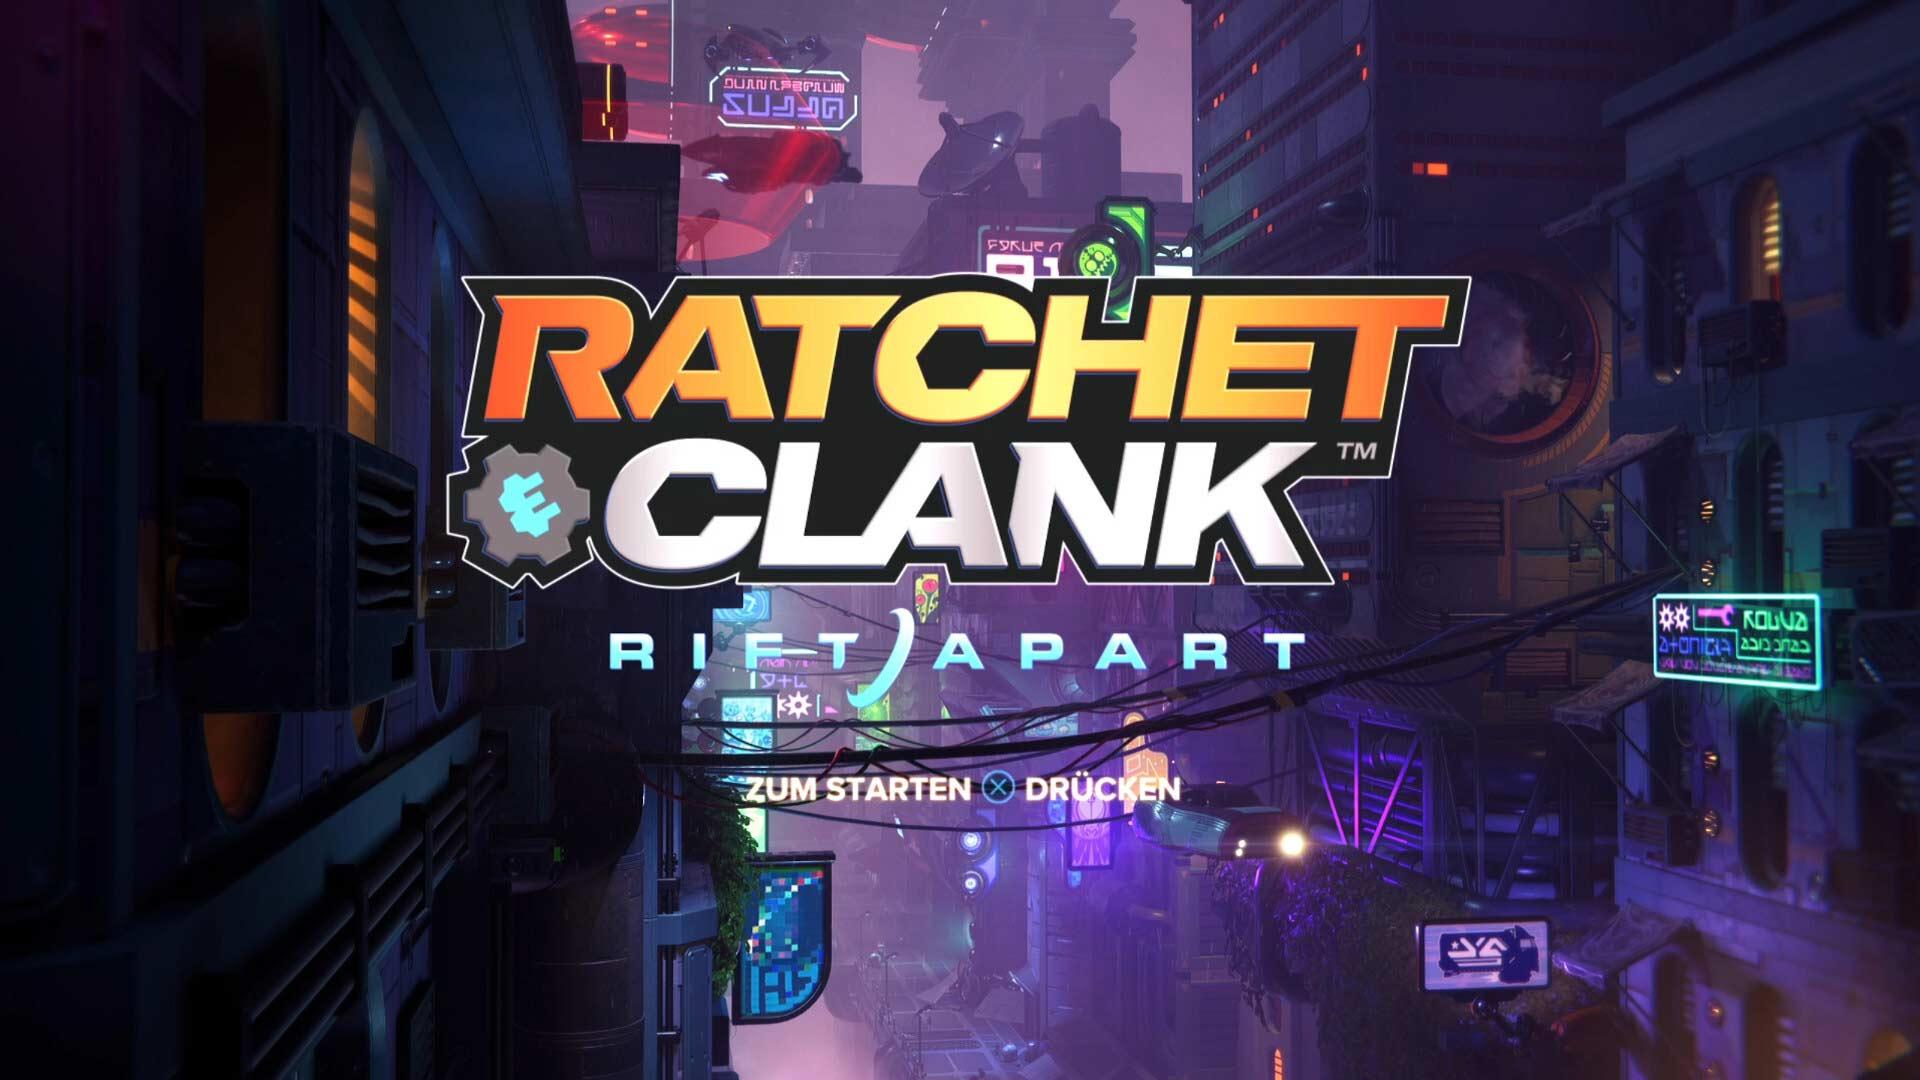 Ratchet & Clank: Rift Apart - Critique